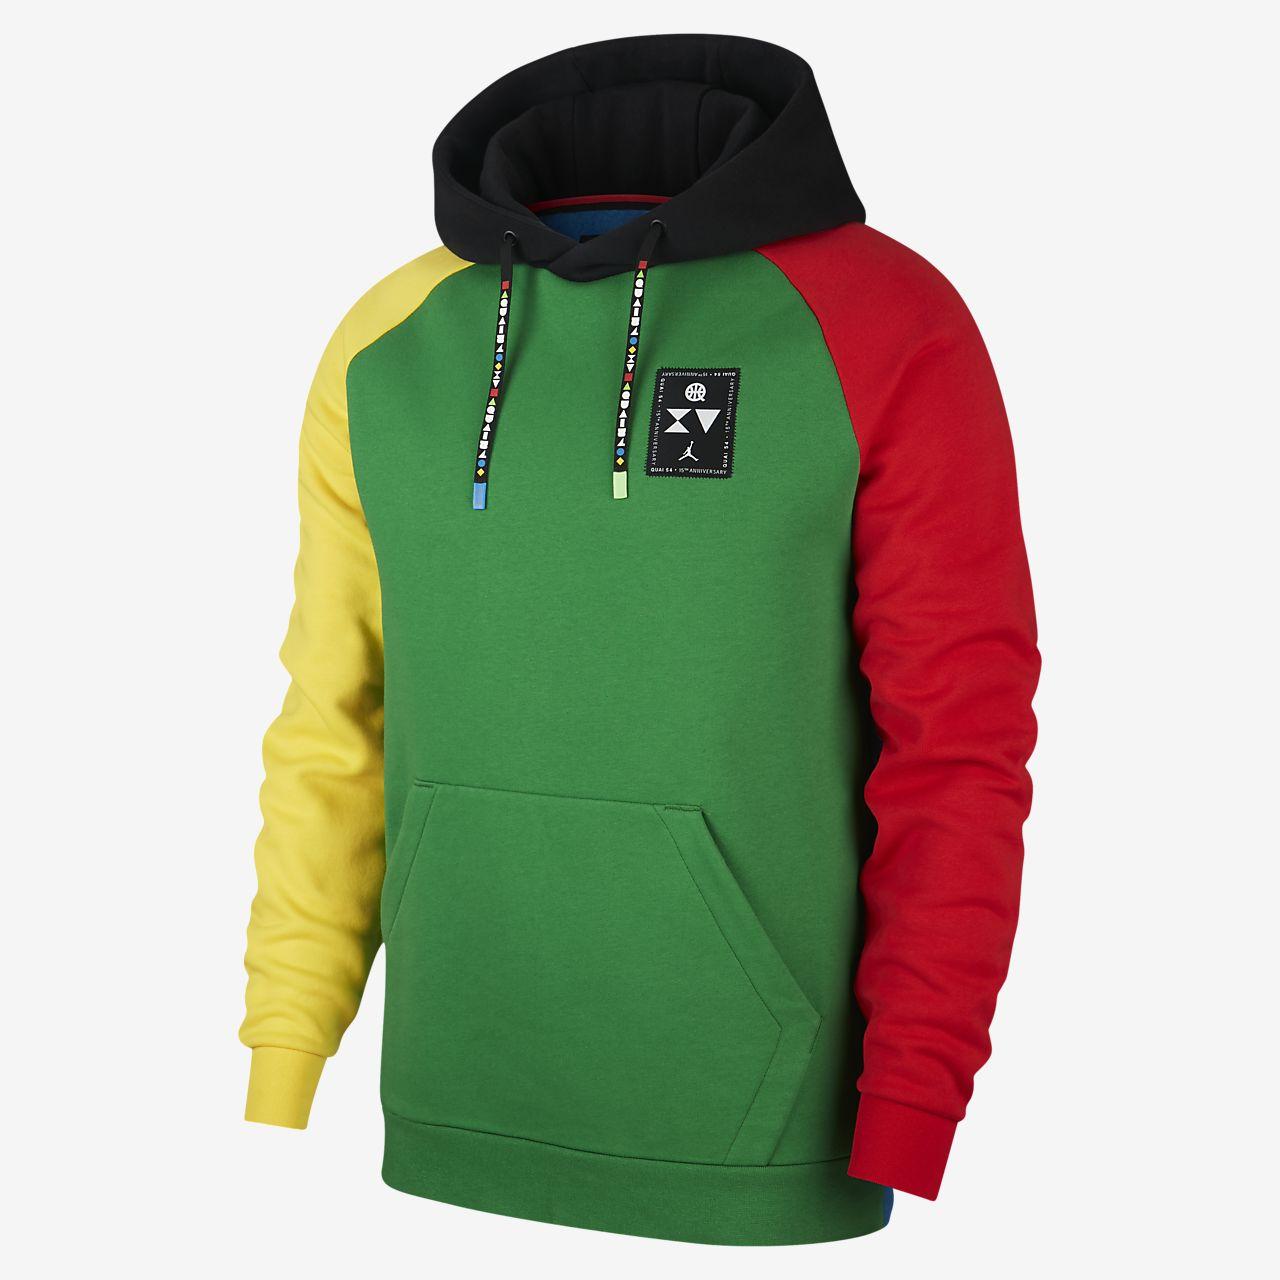 Prenda para la parte superior de tejido Fleece para hombre Jordan Quai 54 Pullover